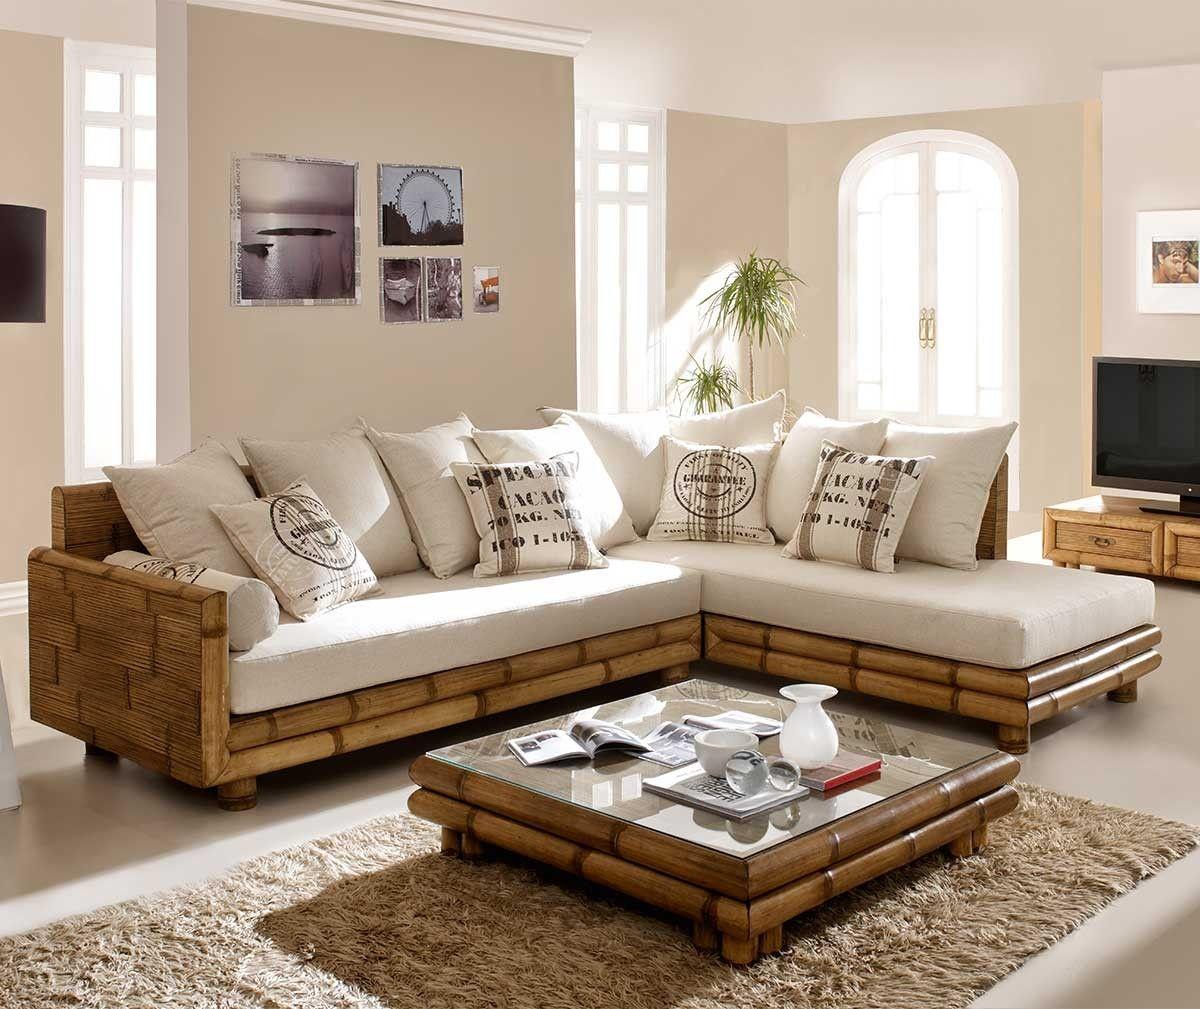 Salon d\'angle bambou, finition antique, Zen en 2019 | Maison deco ...